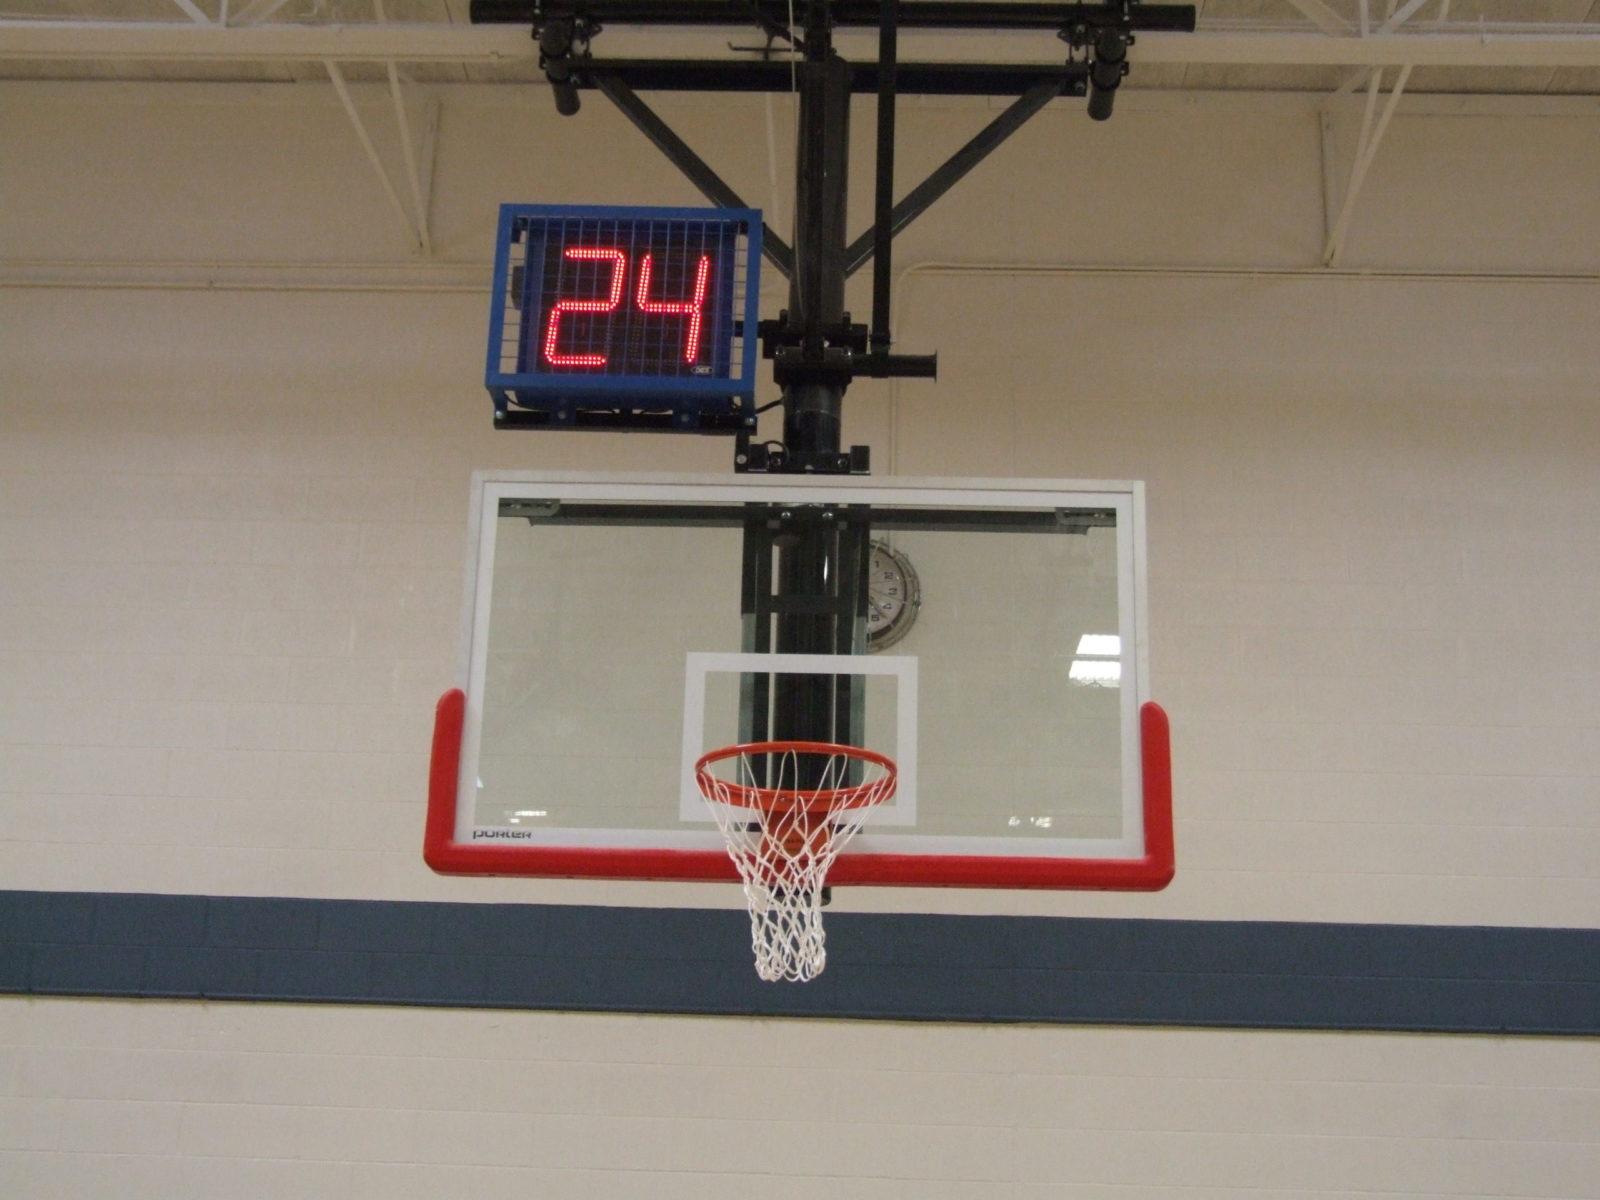 A shot clock above the basketball net.